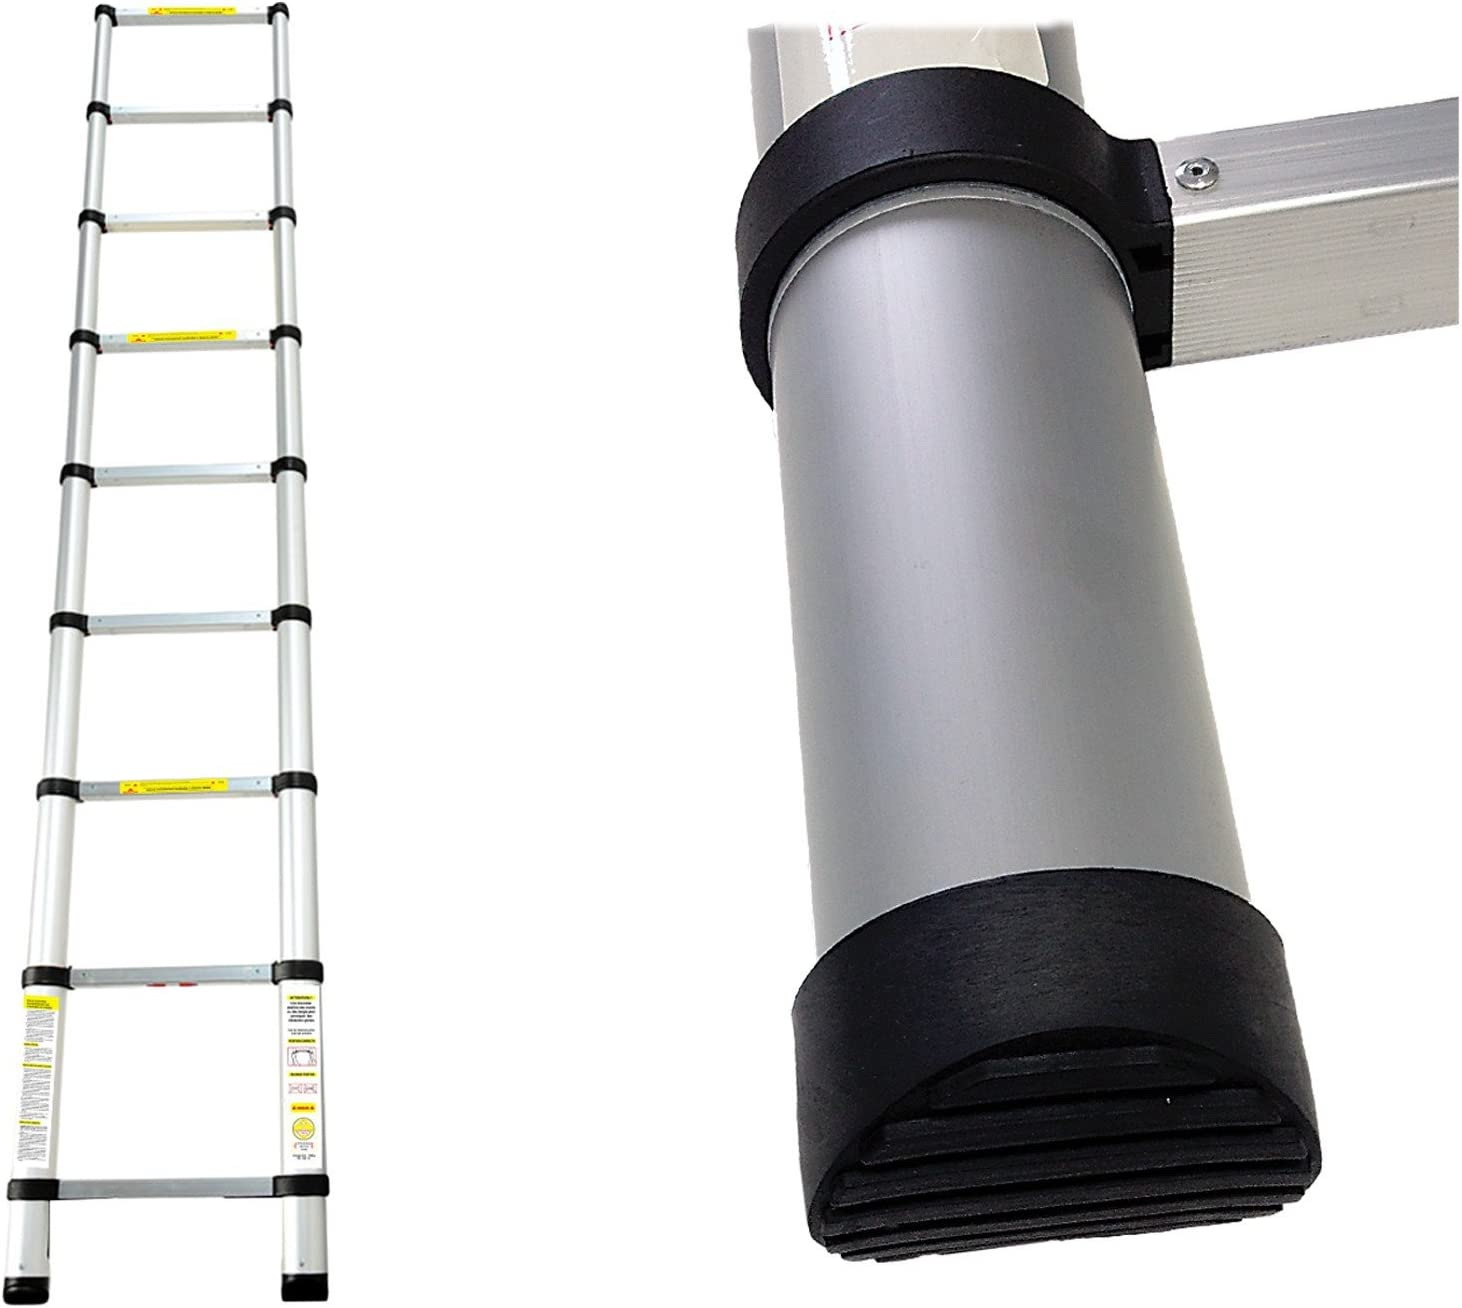 Leogreen Carico massimo: 150 kg Borsa per trasporto GRATIS EN 131 scala installata 4,1 Metri : 30 cm Scala Telescopica Scaletta Allungabile Distanza tra i gradini